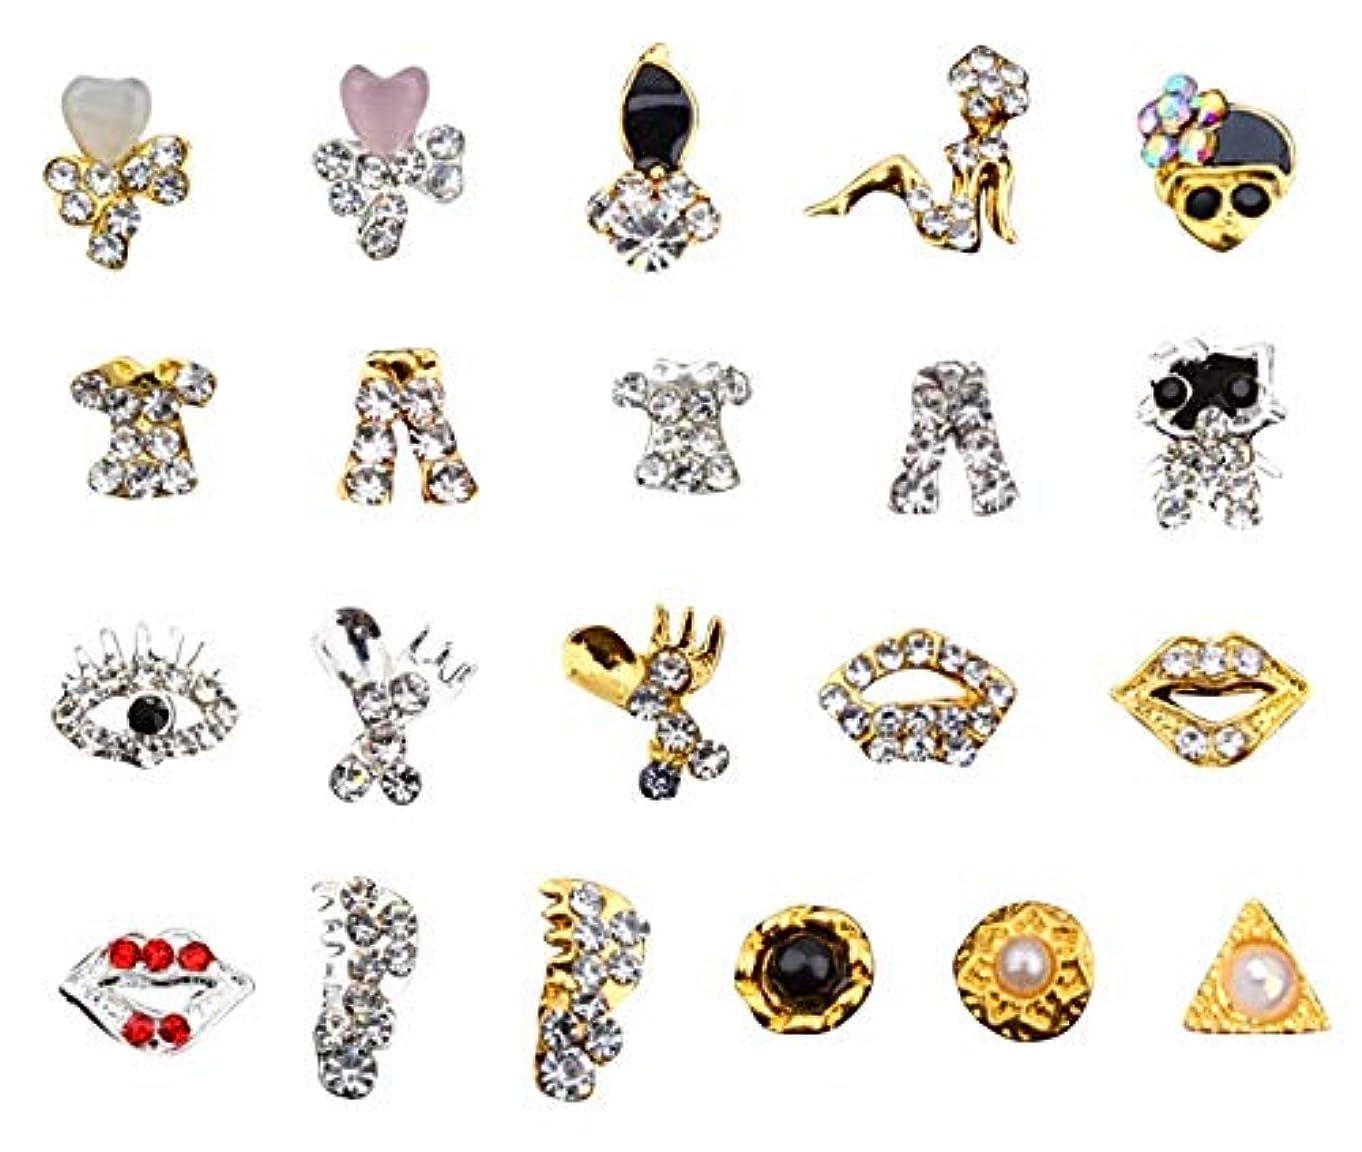 チャップステートメント同等のKerwinner ネイルアートの装飾用品のためのラインストーン宝石ストーンズネイル